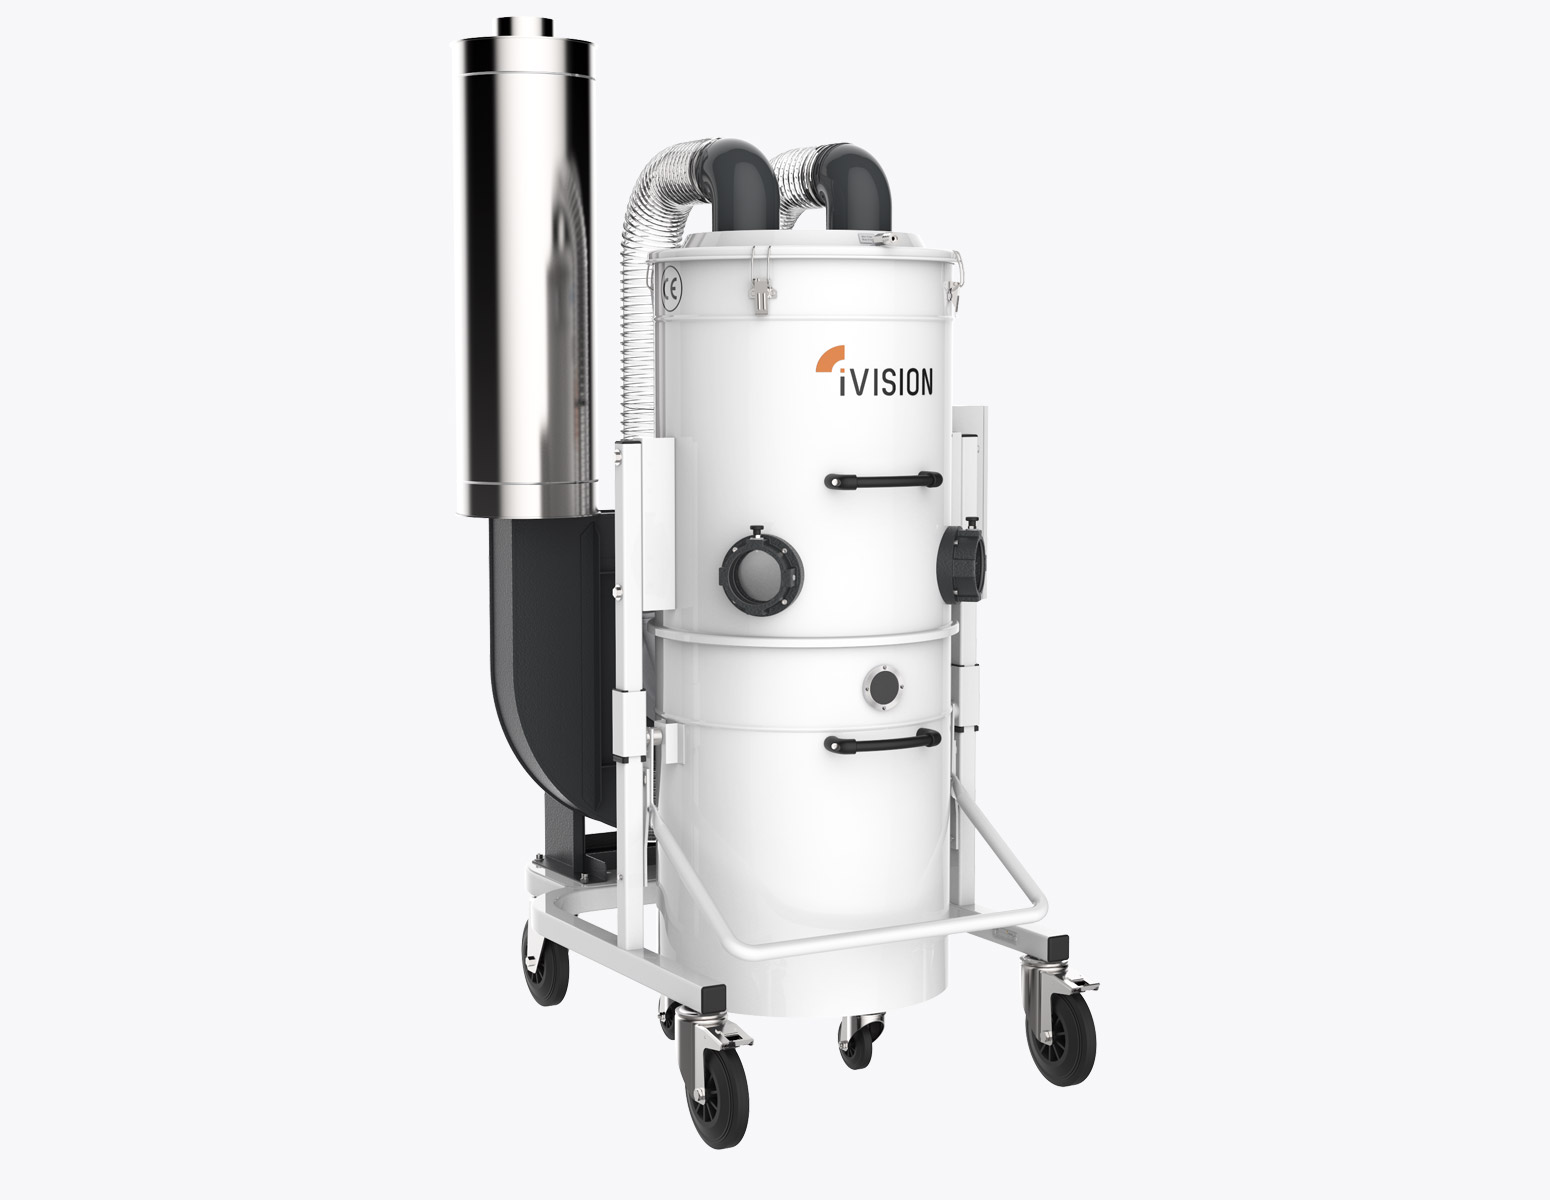 iv3-shoes-line-ventola-dietro-industrial-vacuum-cleaners-ivision-vacuum-f